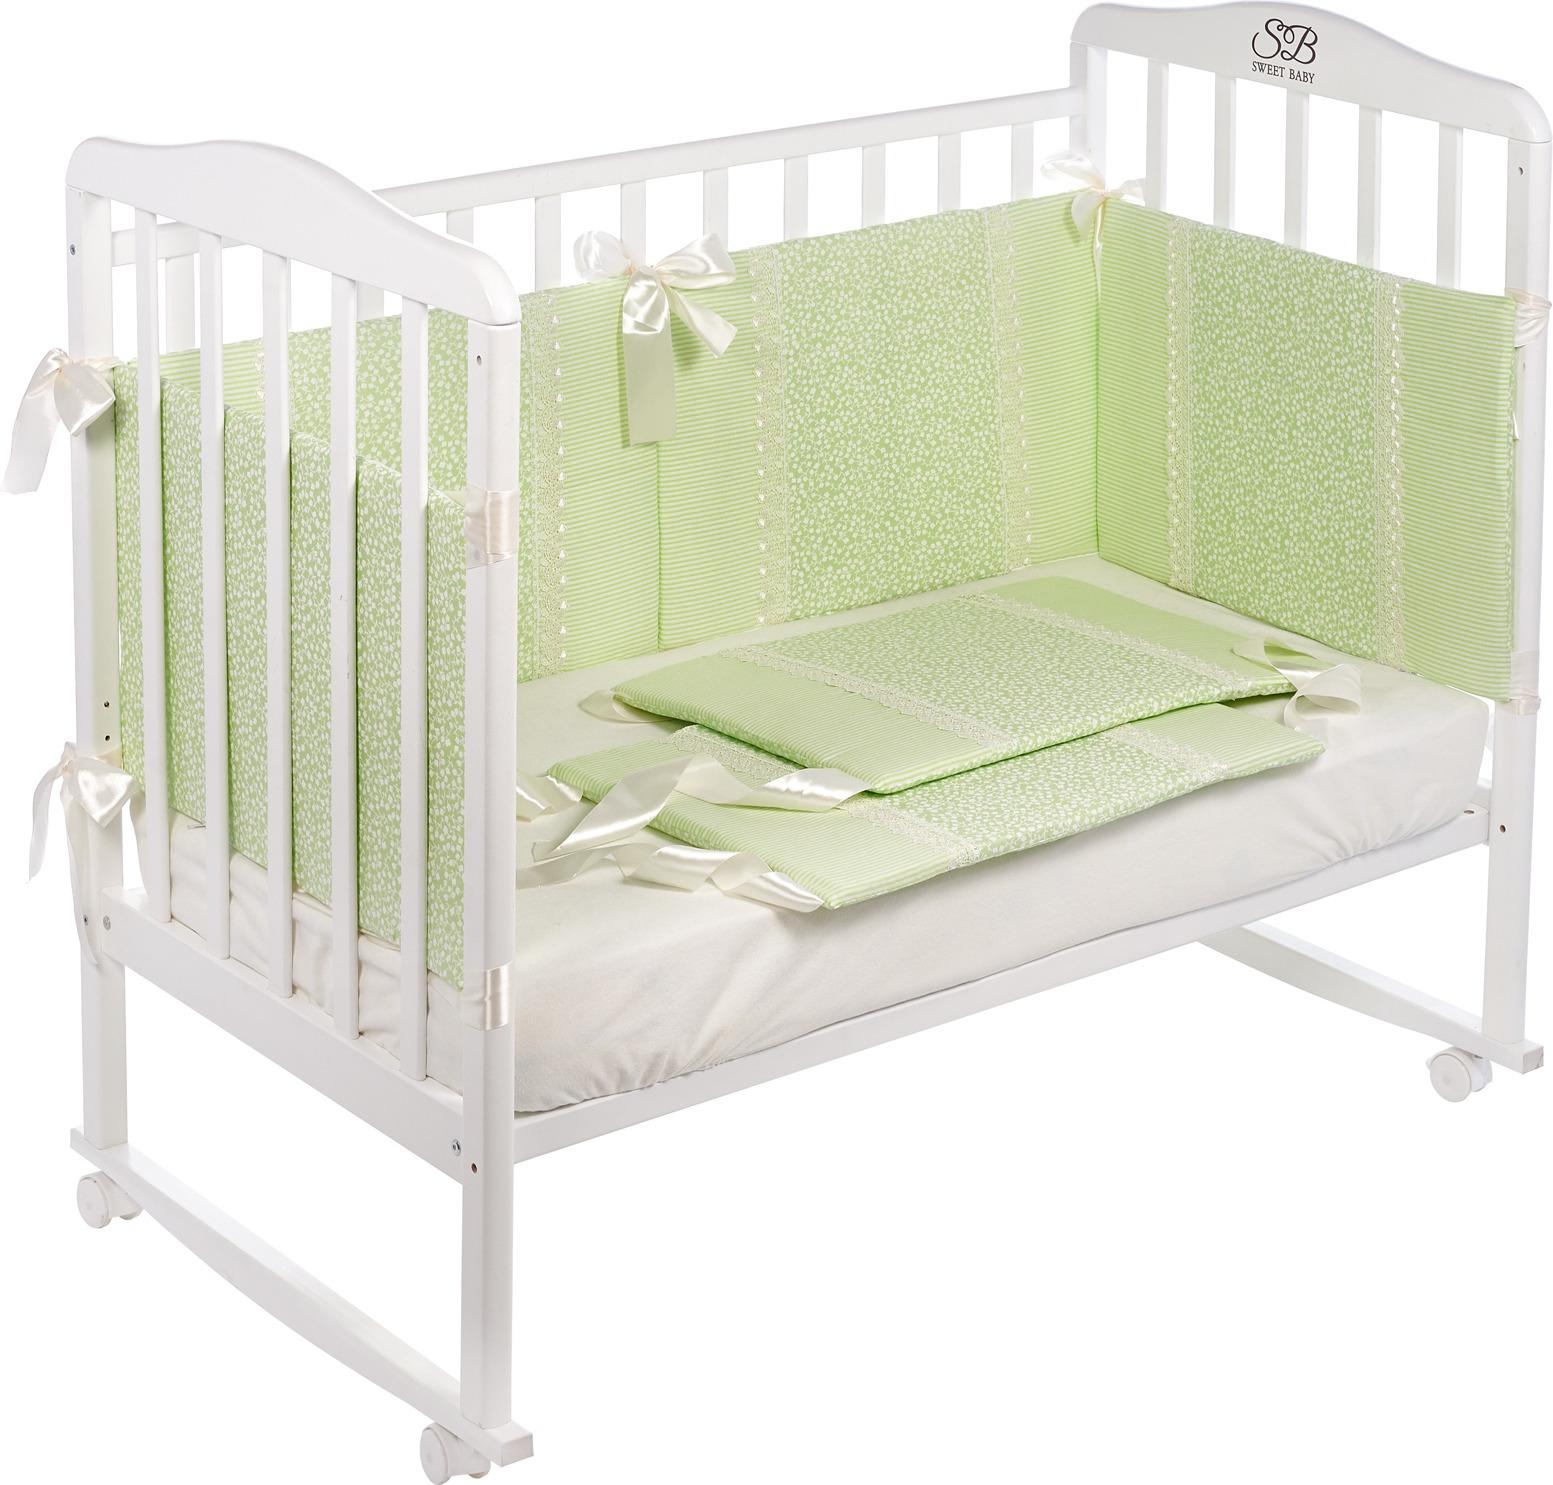 Бортики в кроватку Sweet Baby Fiore, 419052, светло-зеленый, 6 частей комплекты в кроватку makkaroni kids sweet baby 125x65 6 предметов